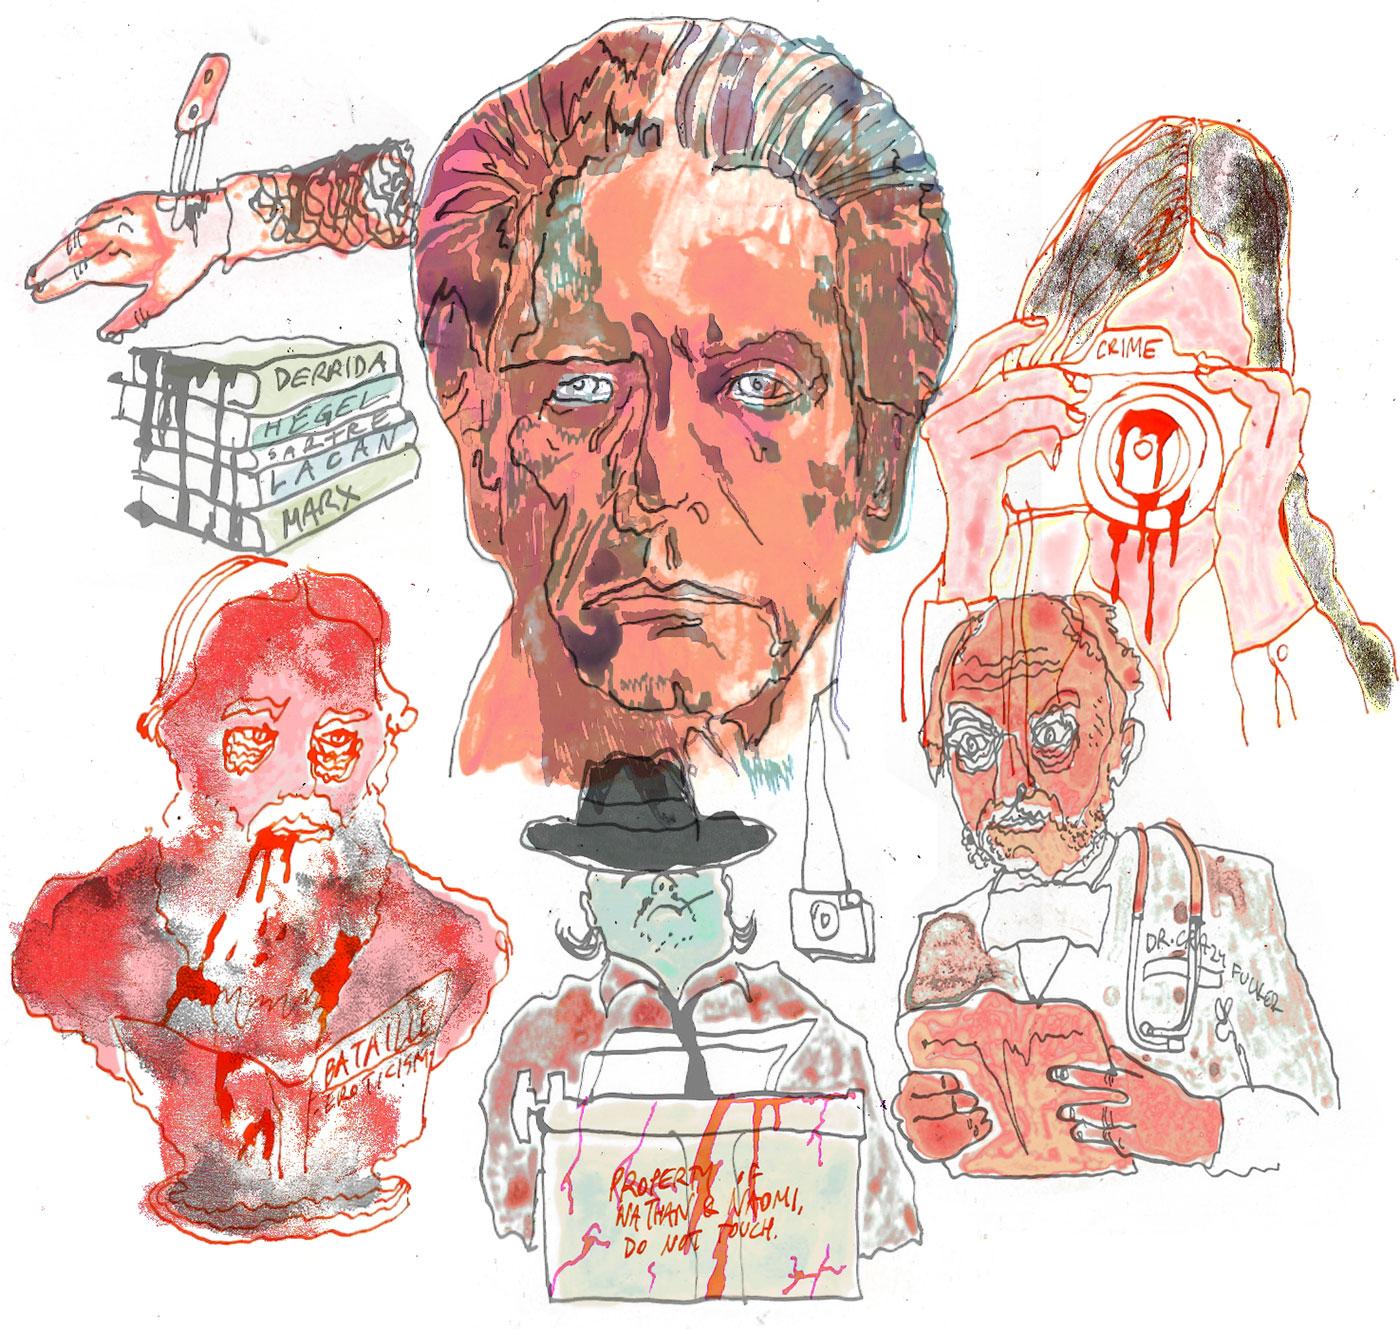 Illustration by Radek Drutis